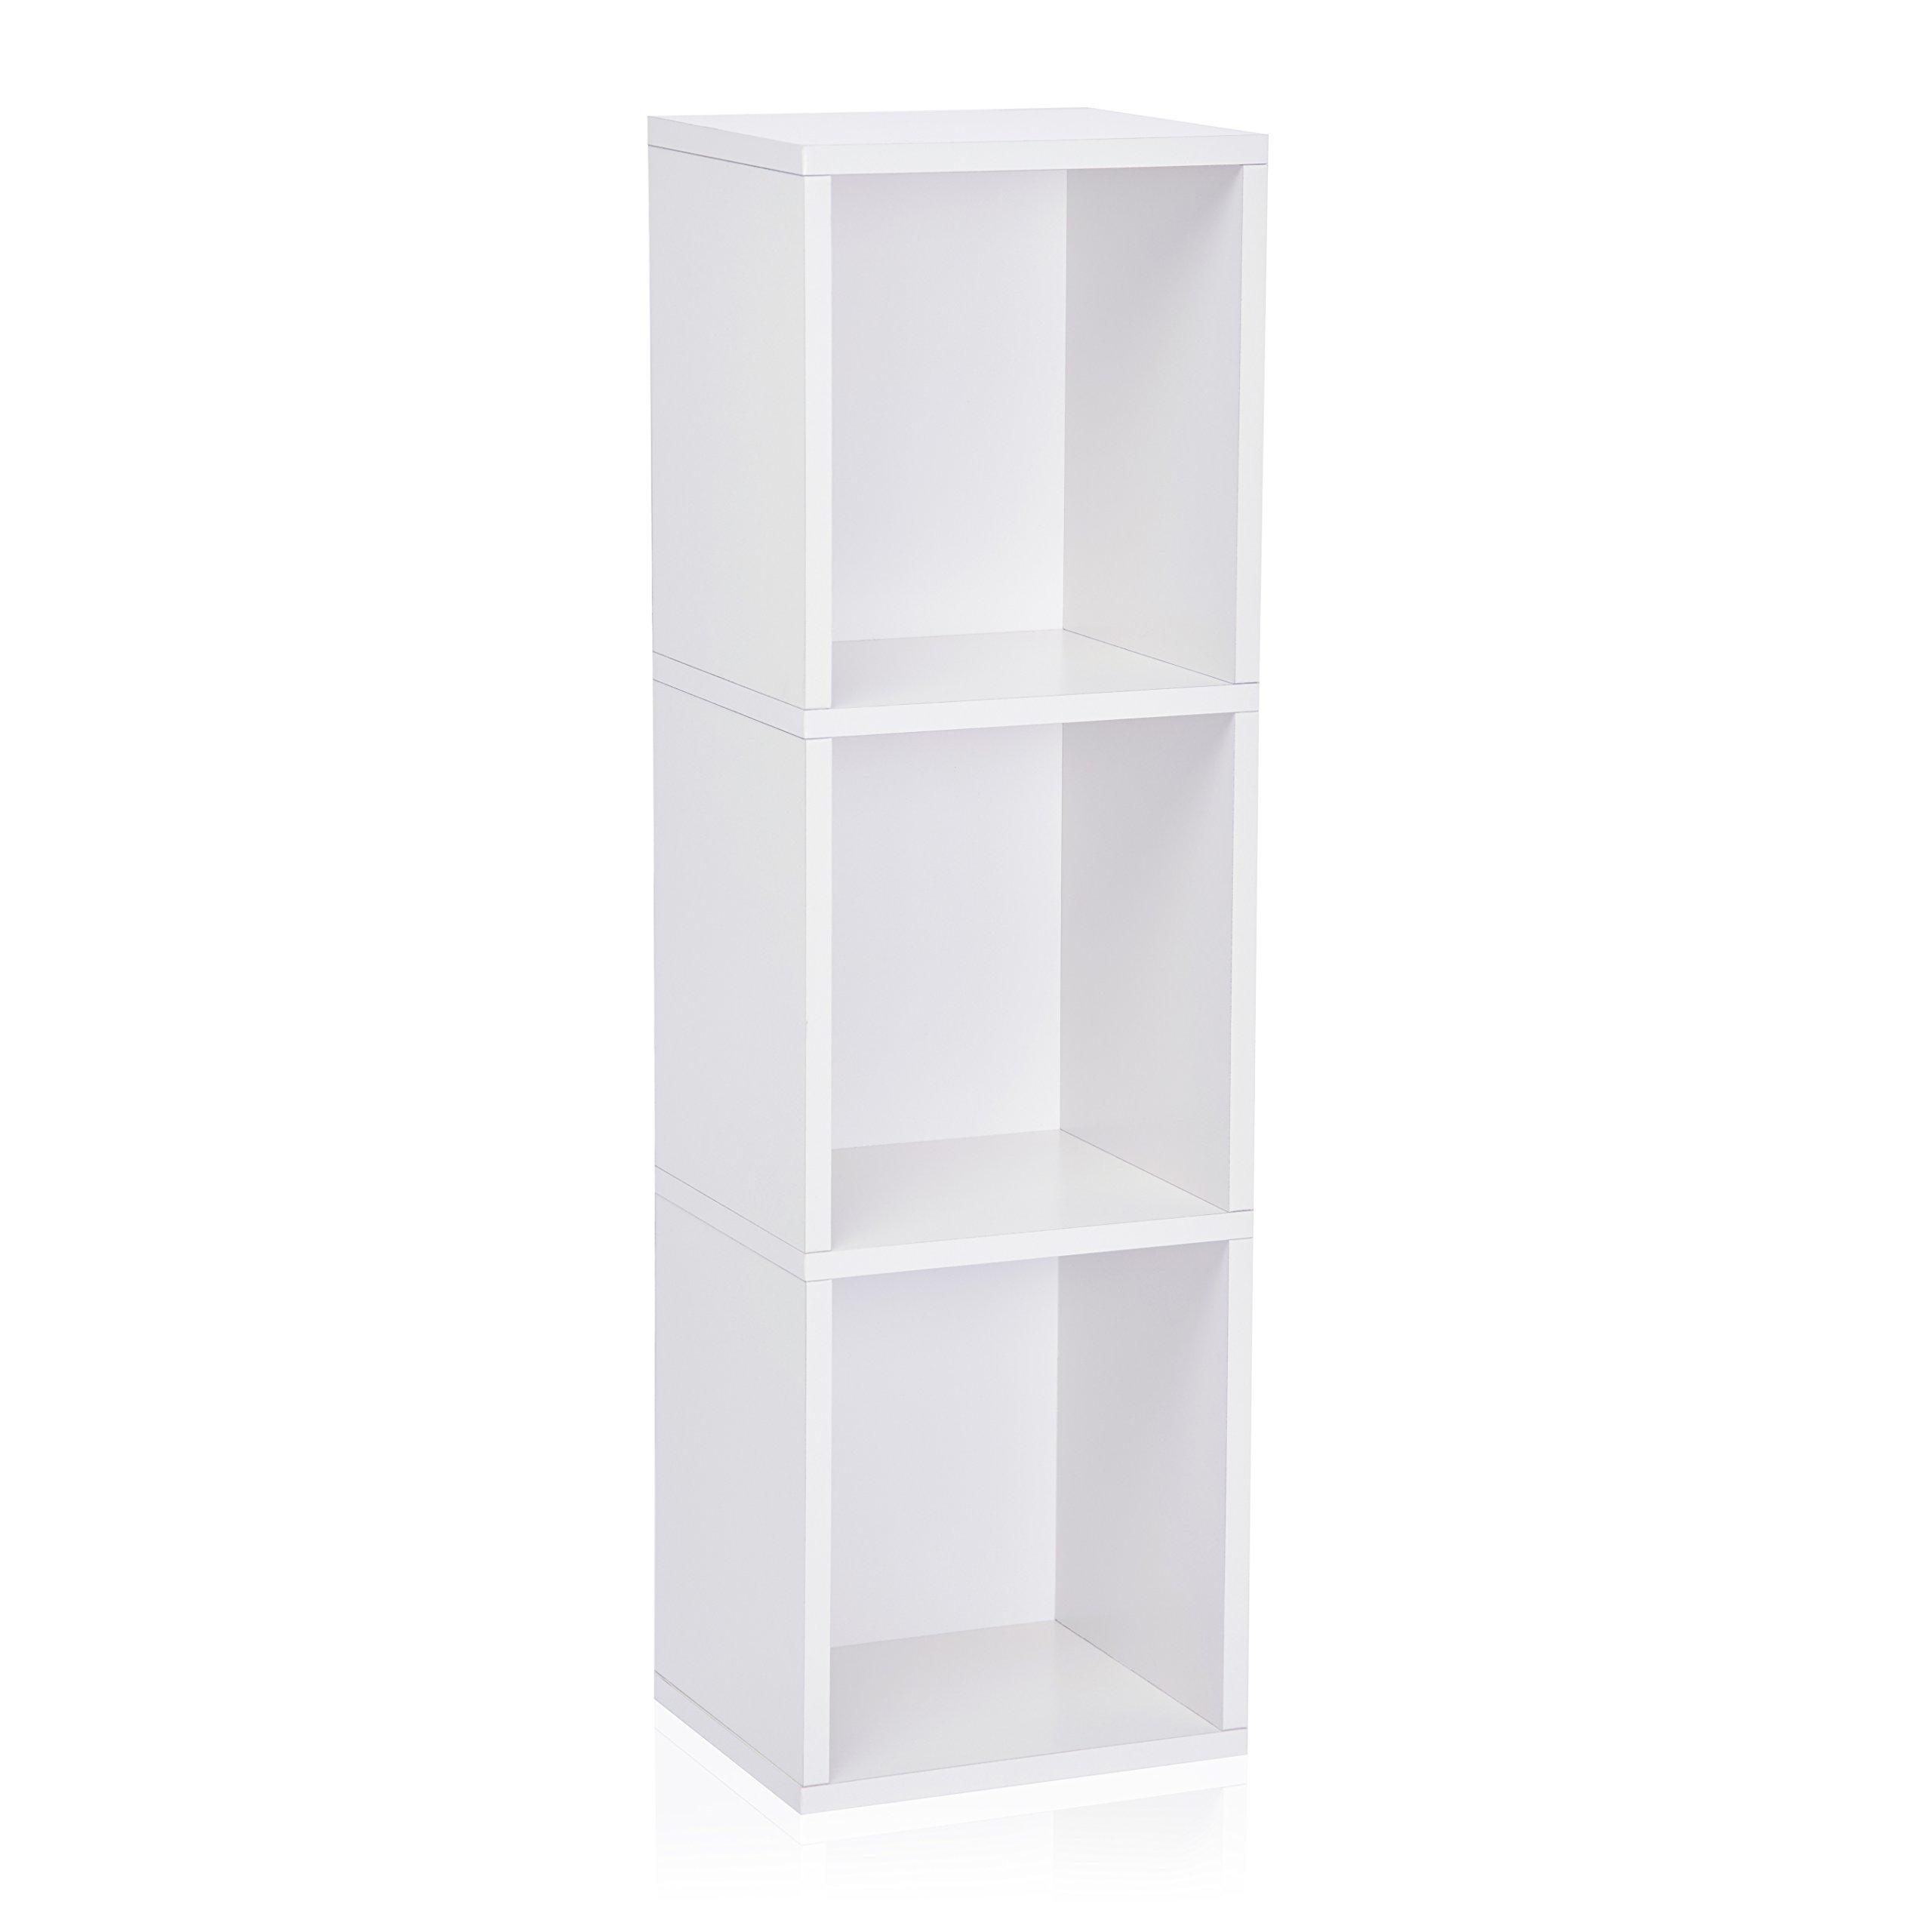 Way Basics Eco 3 Shelf Narrow Bookcase and Storage Unit, White,